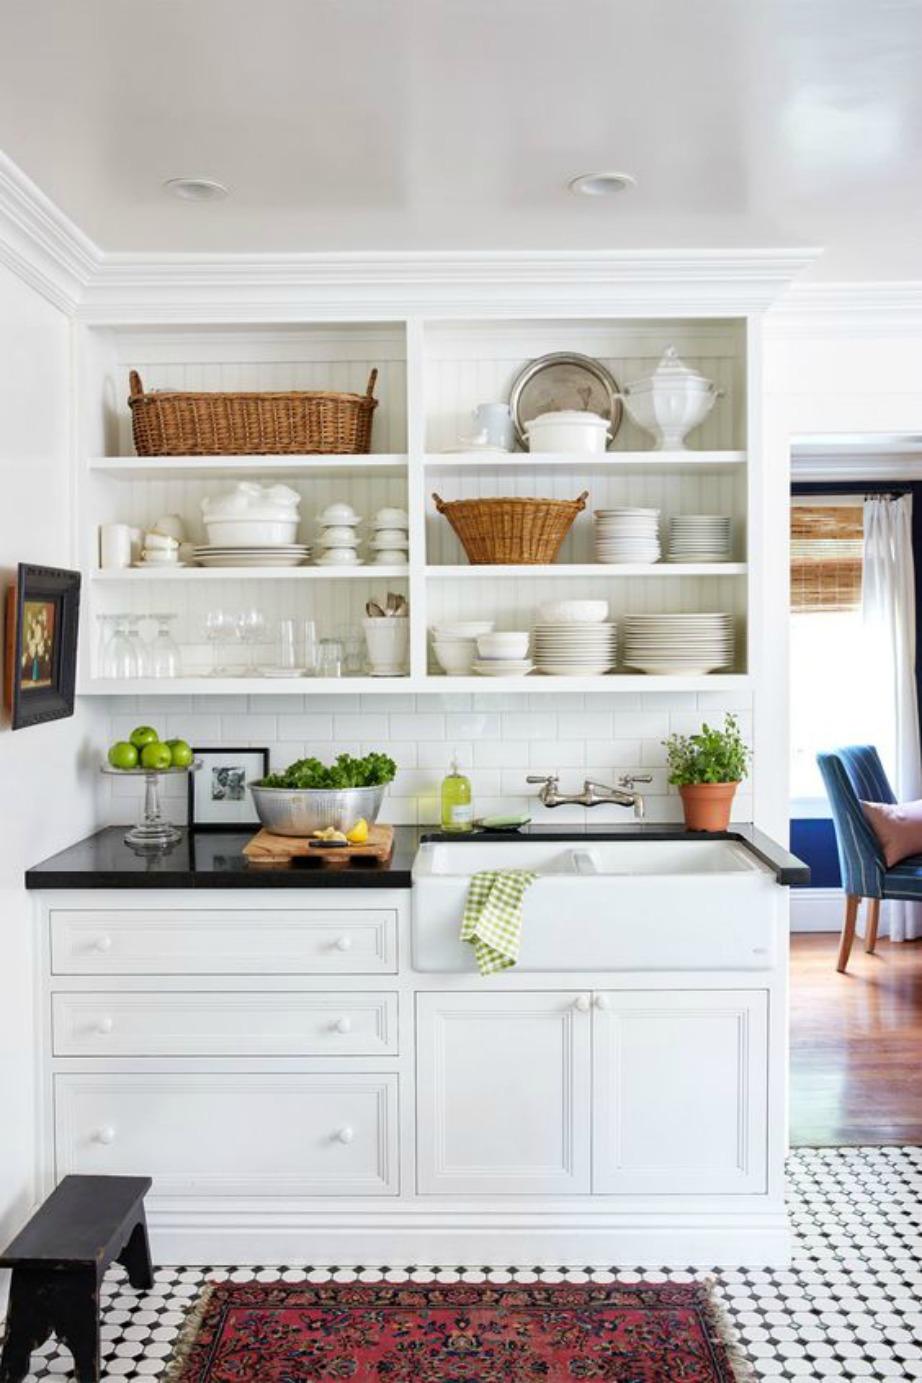 Τα καλάθια ως αποθηκευτικοί χώροι θα σας βοηθήσουν να βάλετε πράγματα που δε χρησιμοποιείτε καθημερινά.